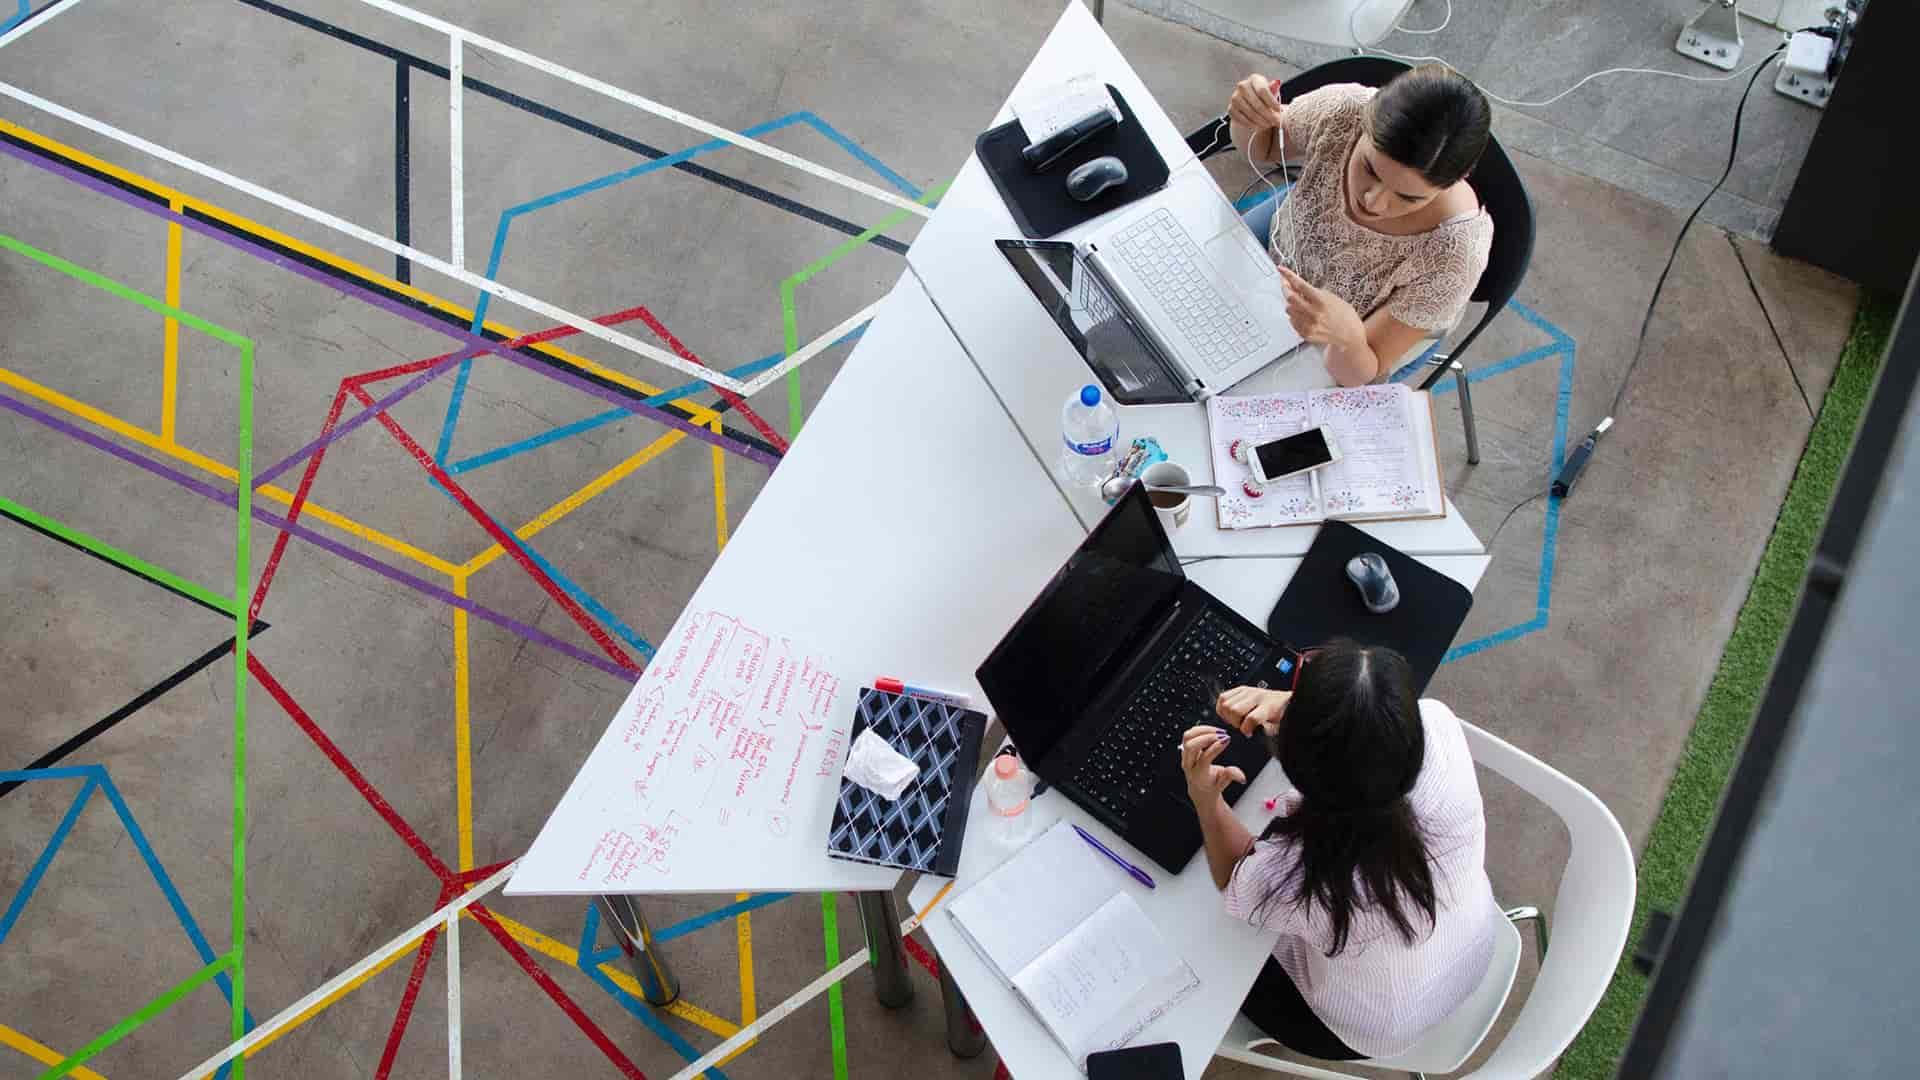 Startup Office Ideas